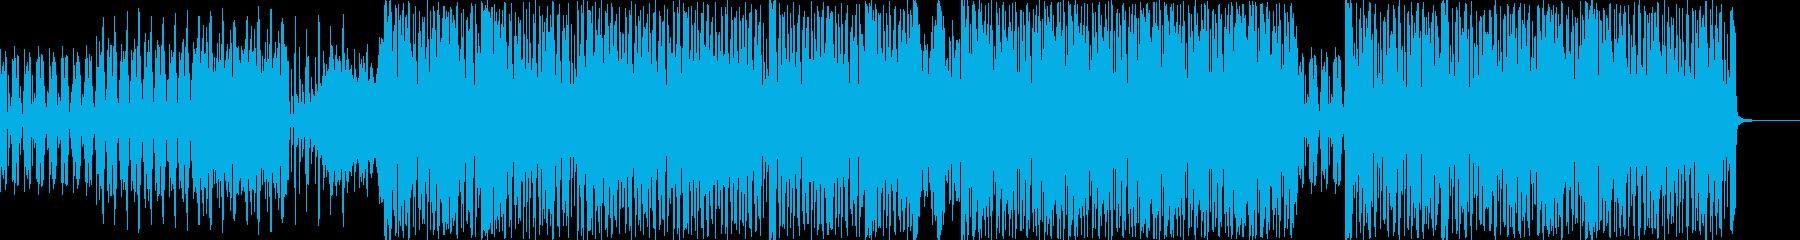 プログレッシブハウス。ポジティブ。の再生済みの波形